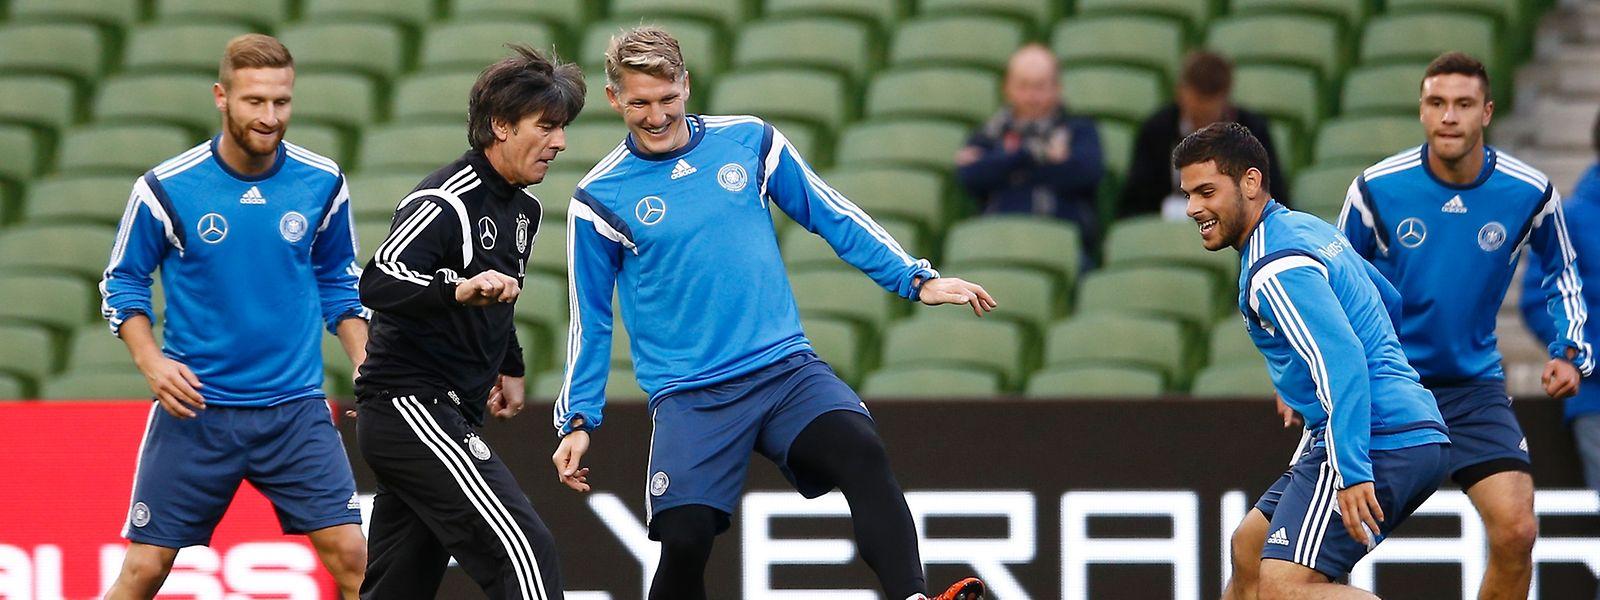 Mit Spaß bei der Sache: Trainer Joachim Löw und die deutschen Nationalspieler.